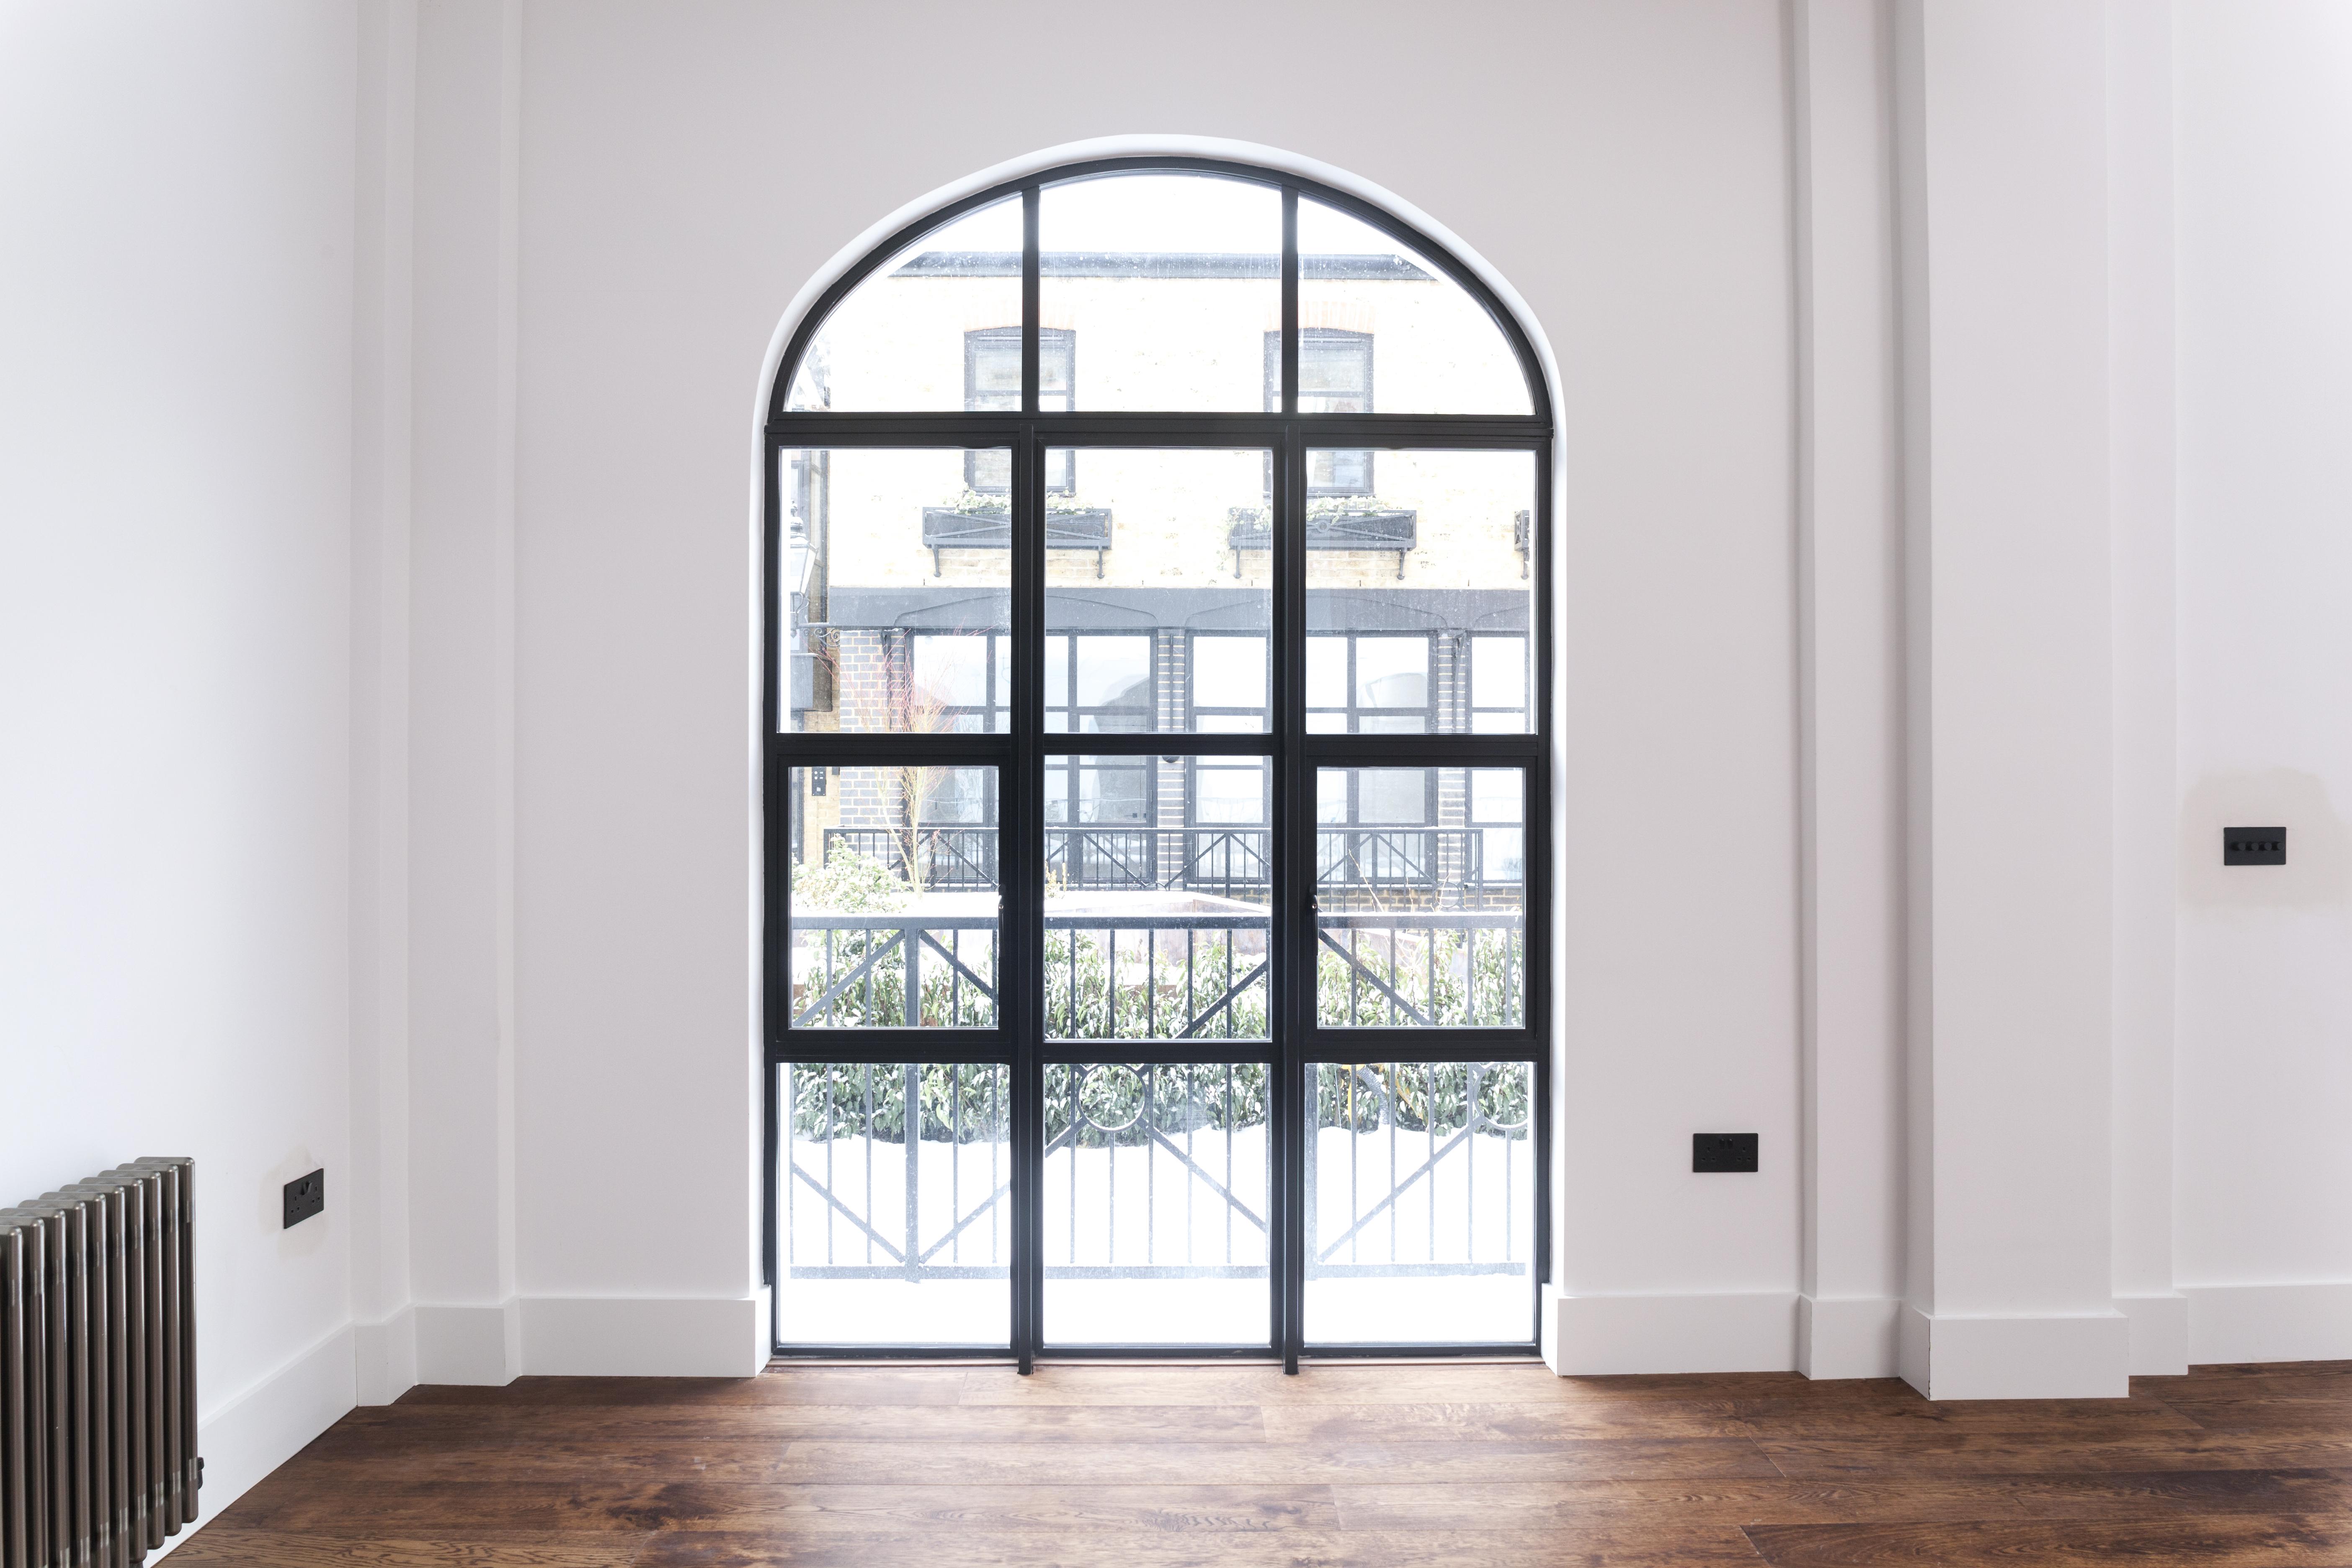 Steel window alternatives slough